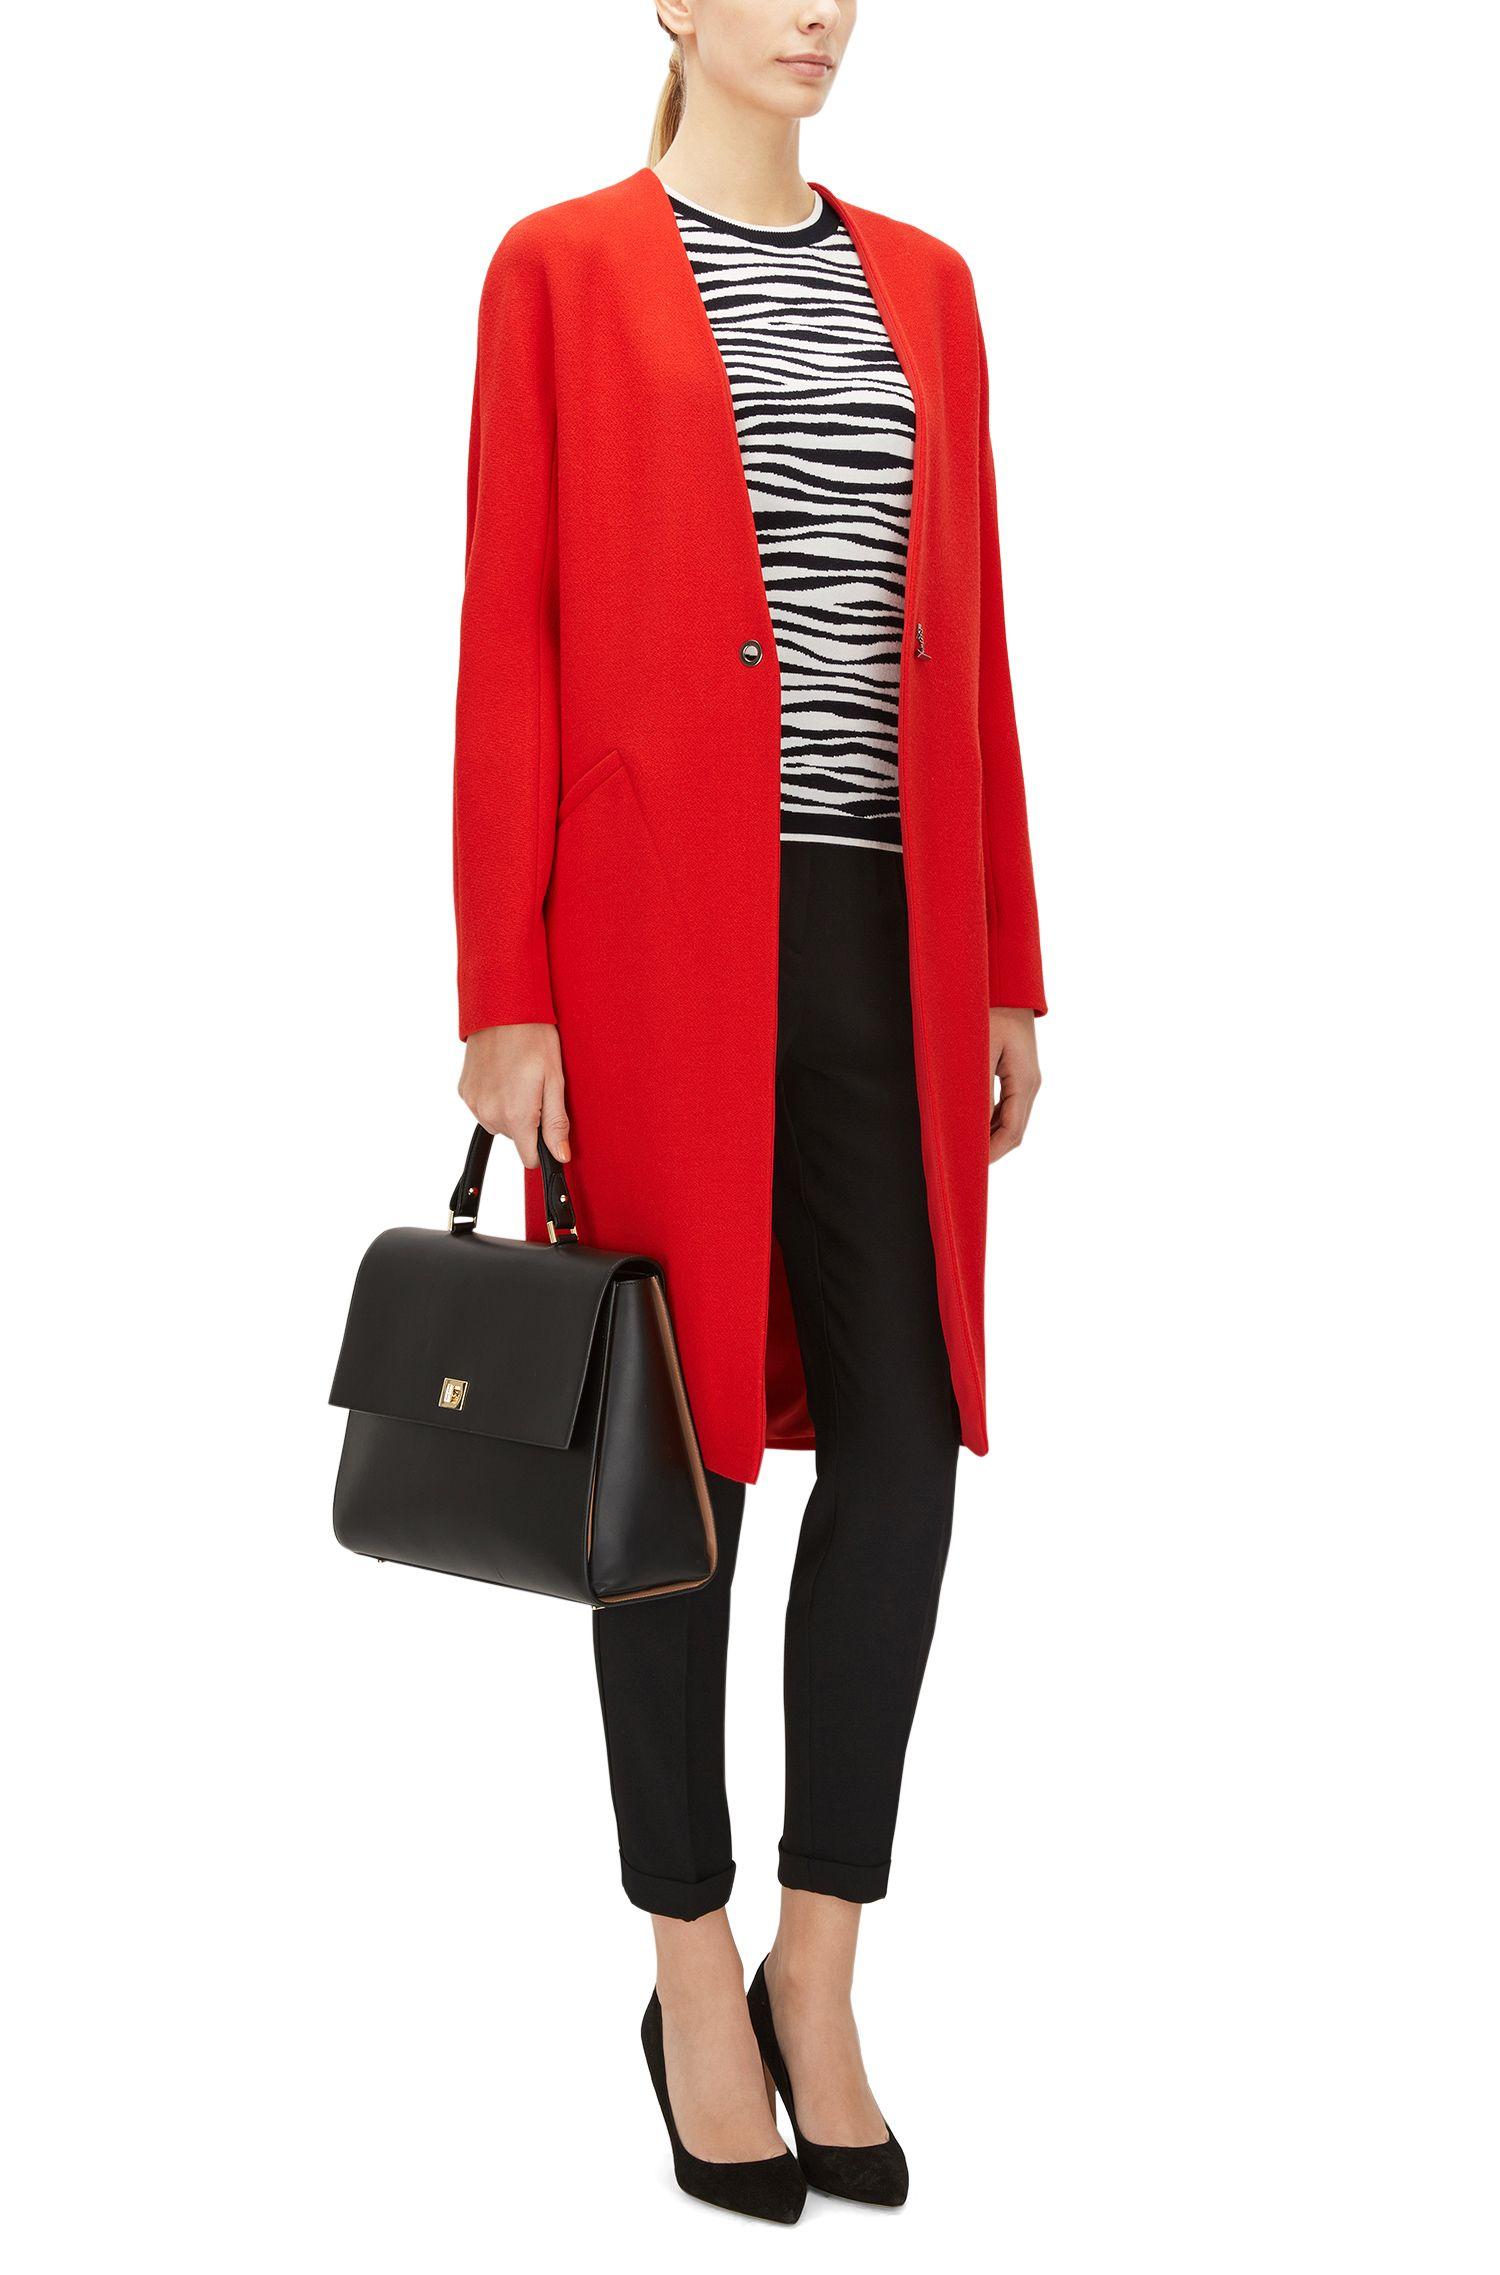 Zebra Striped Italian Stretch Viscose Jacquard Sweater | Fatima